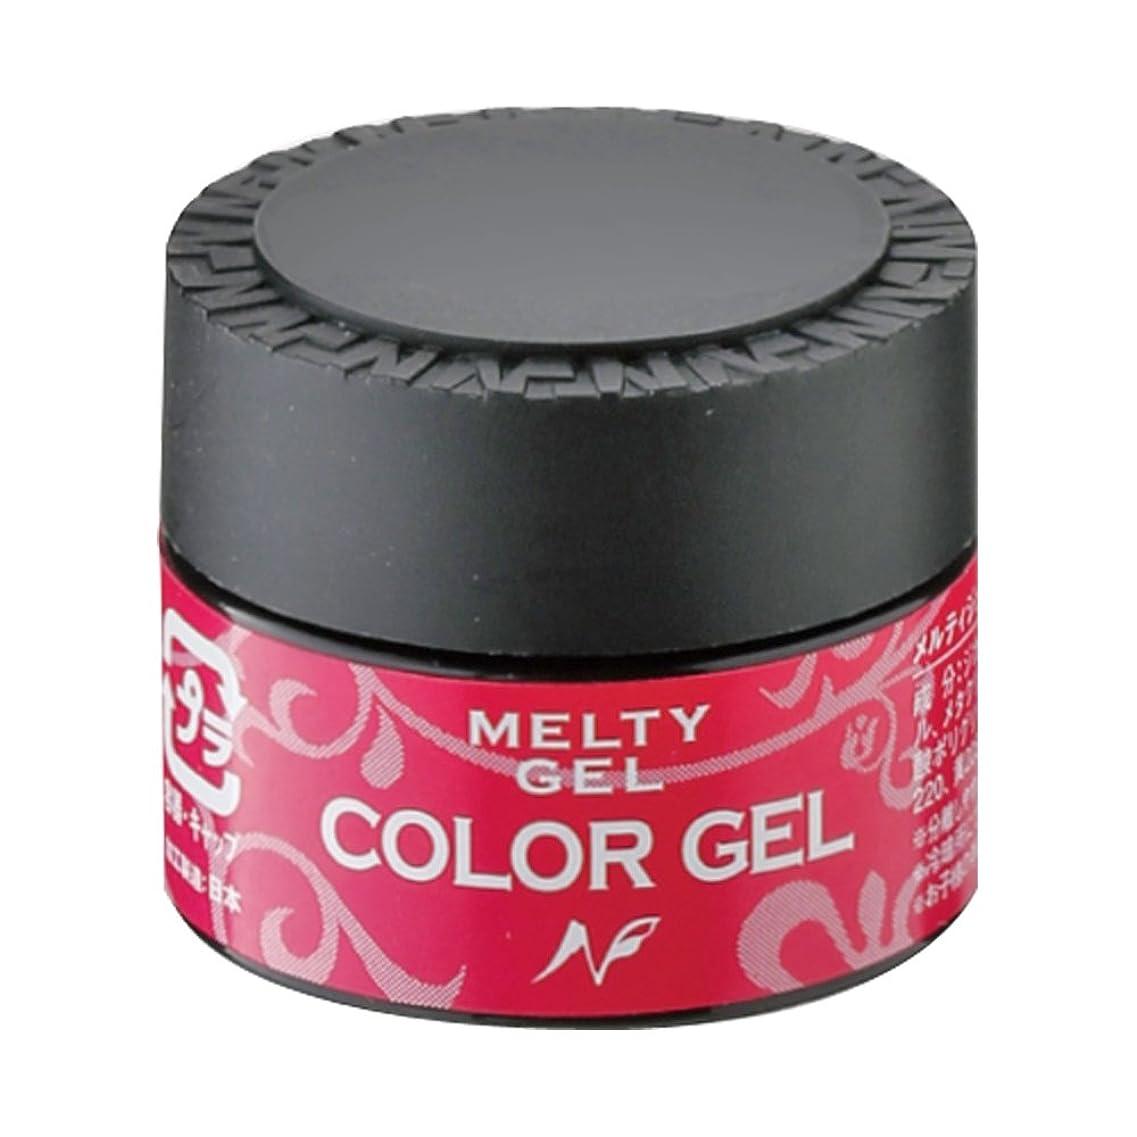 取り組むビルダー財団Melty Gel カラージェル B11 スノーホワイト 3g